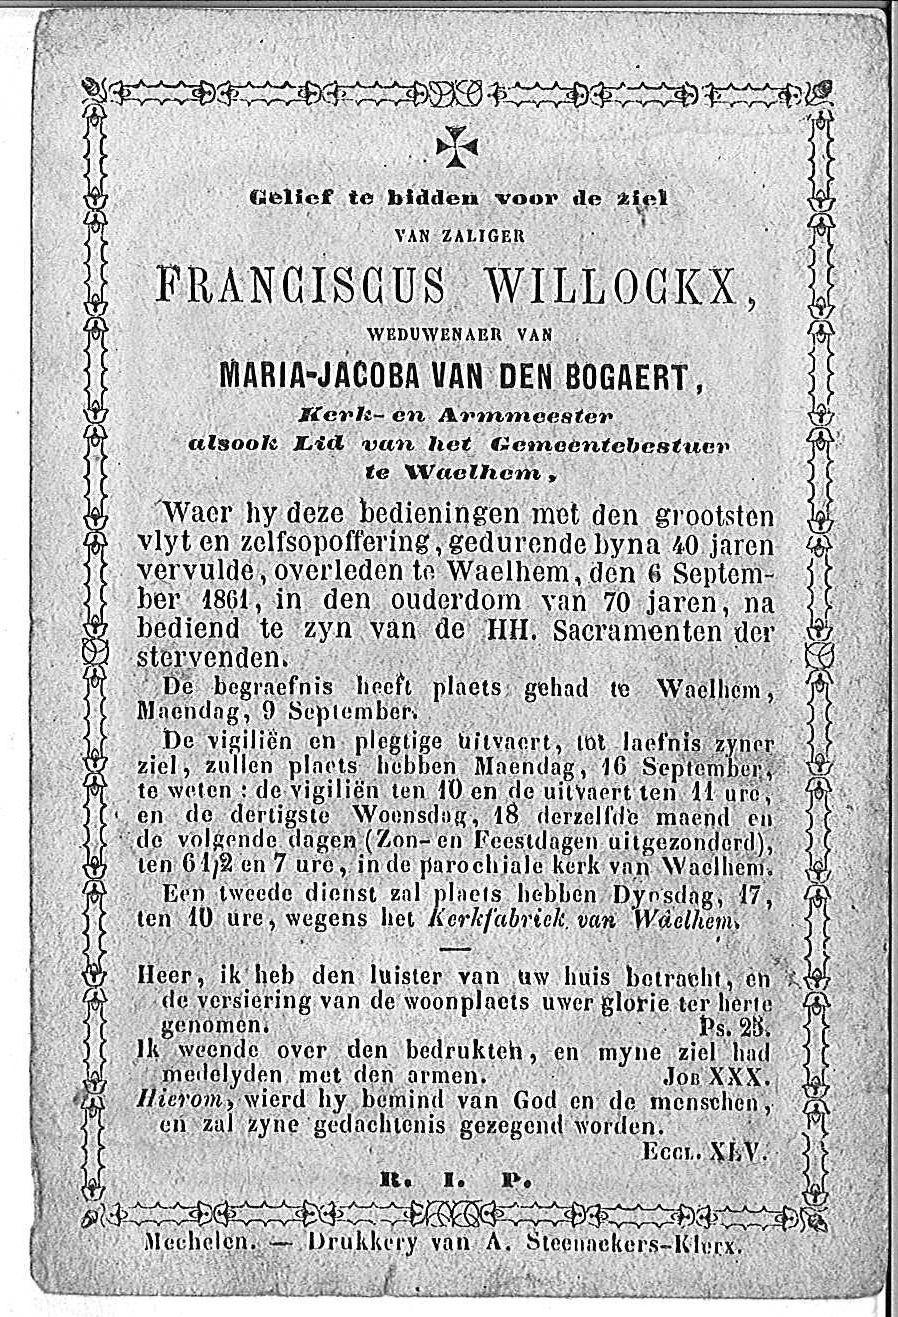 Franciscus Willockx